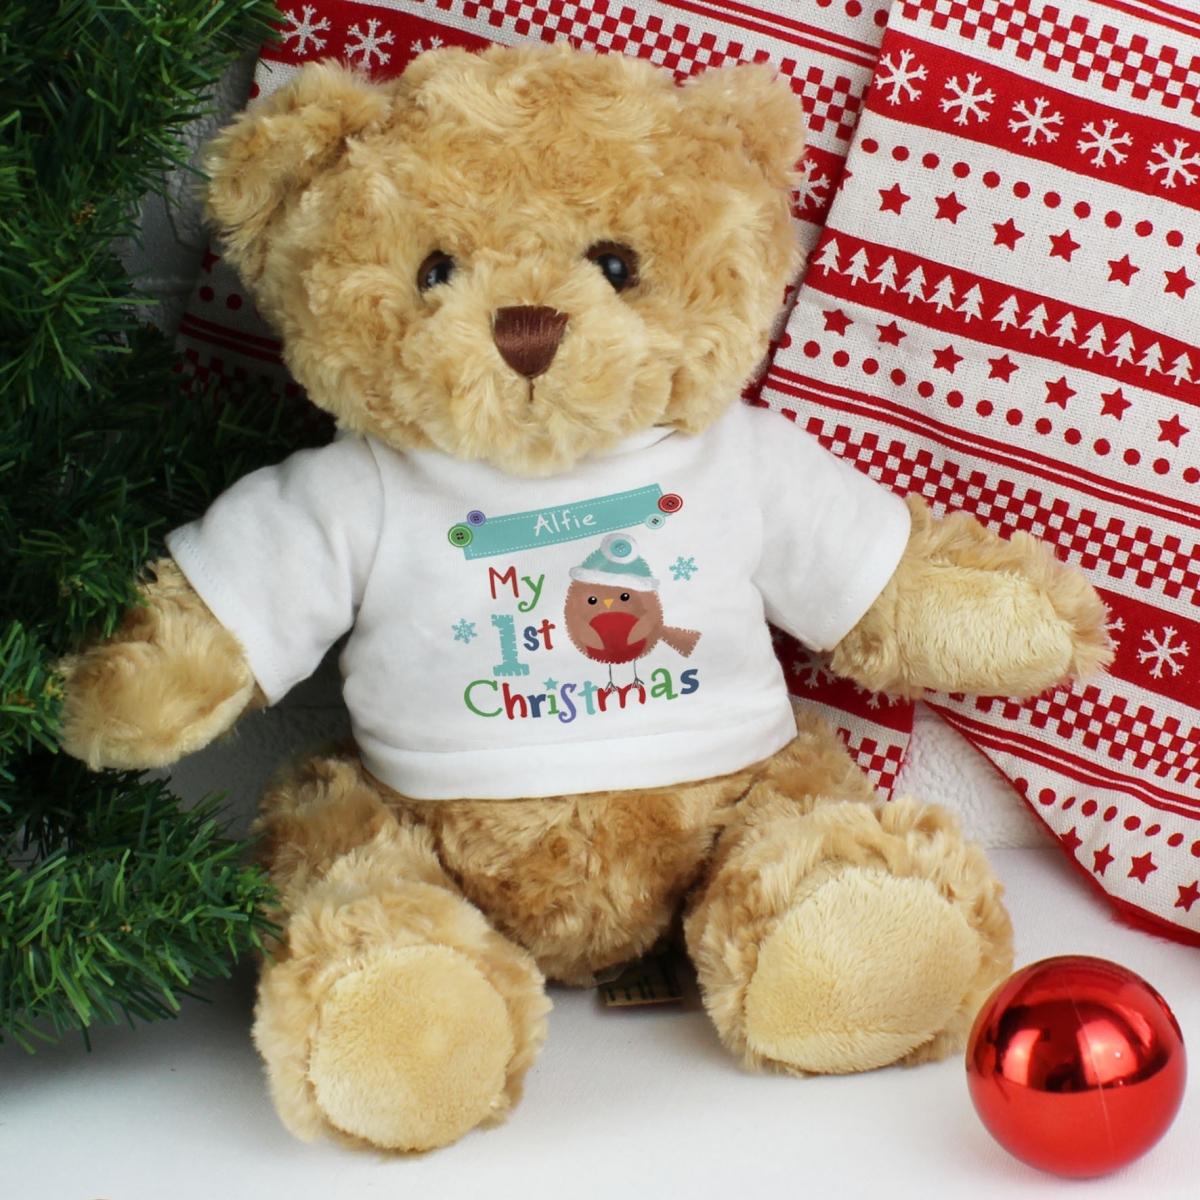 Personalised Felt Stitch Robin 'My 1st Christmas' Teddy